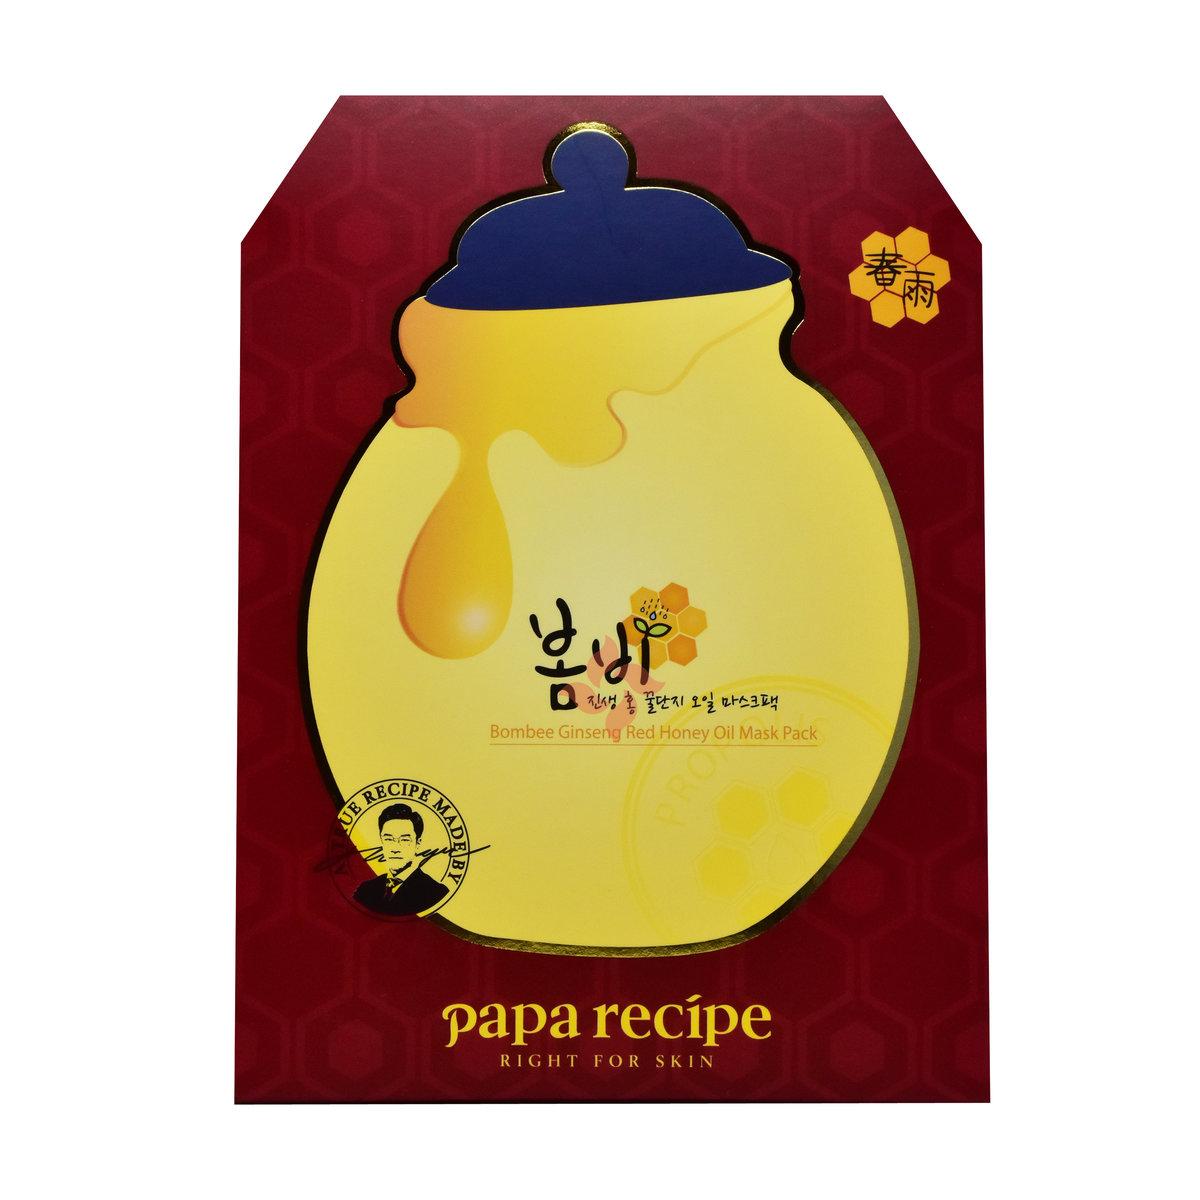 紅蔘蜂蜜精油面膜 (1盒10片) 紅盒 (8809378322330)